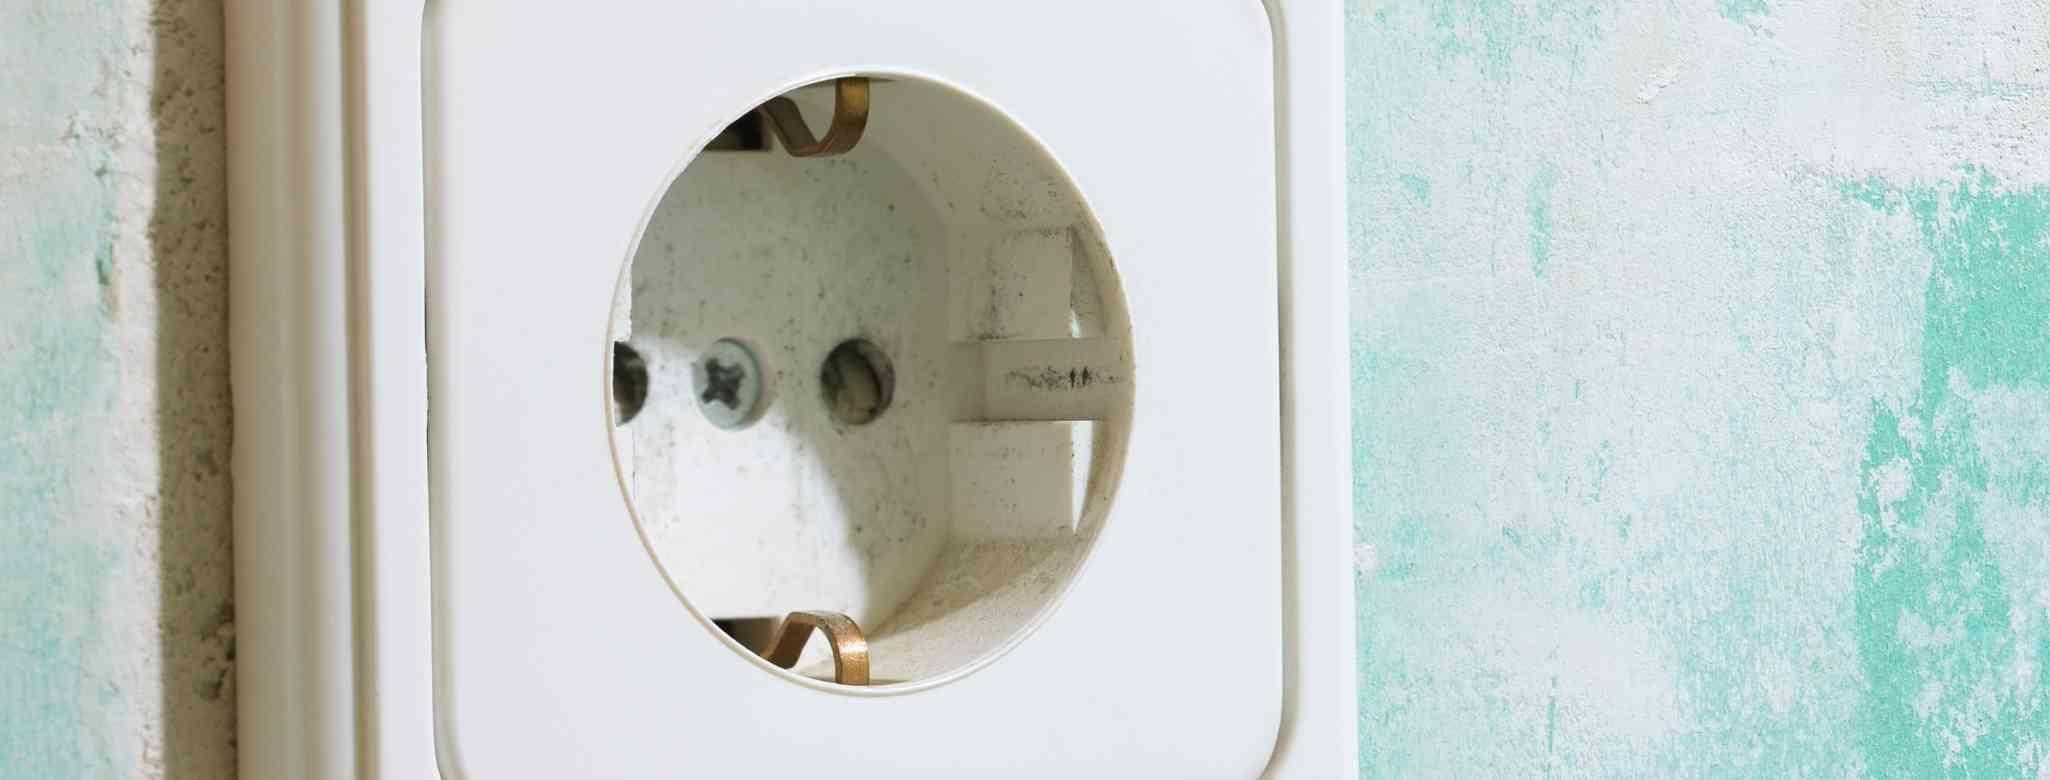 התקנת נקודות חשמל בבית או בעסק